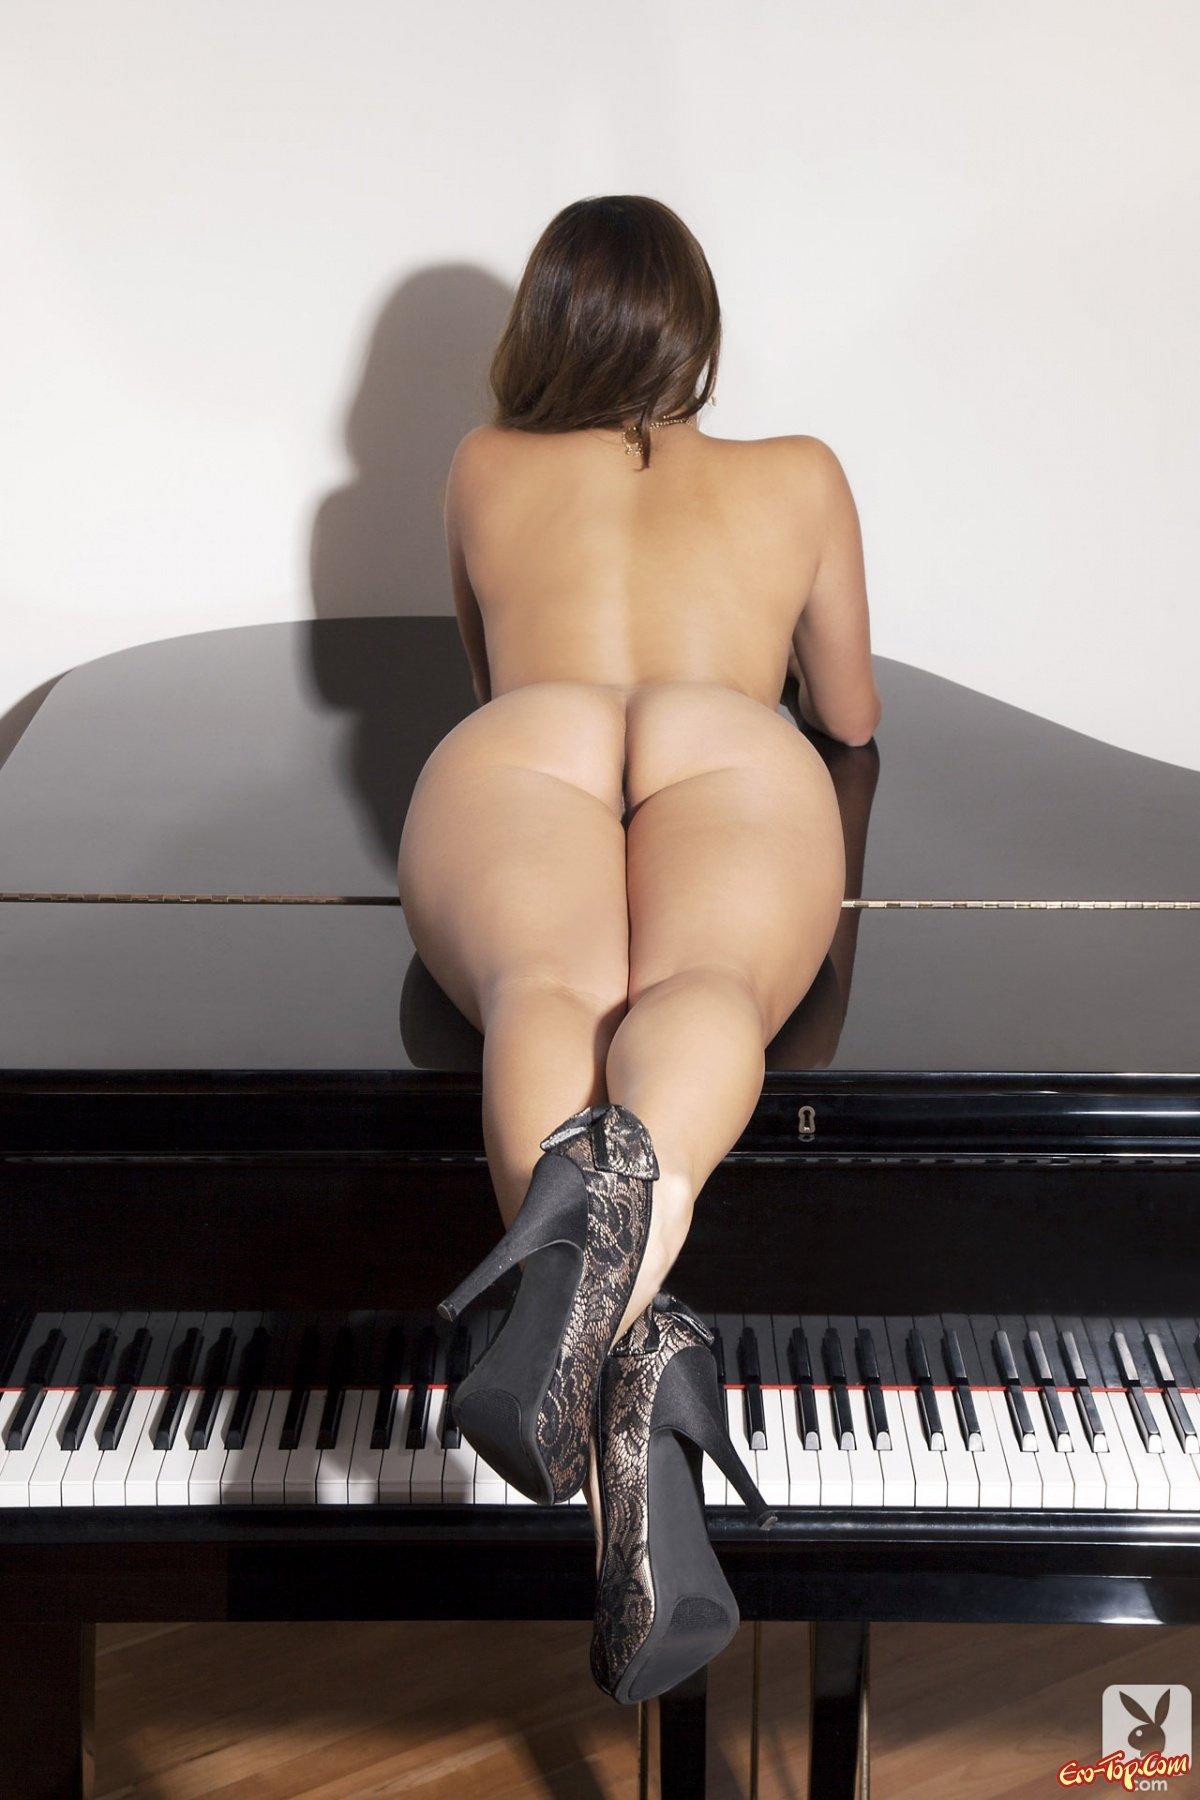 Секс с девушкой на рояле 19 фотография